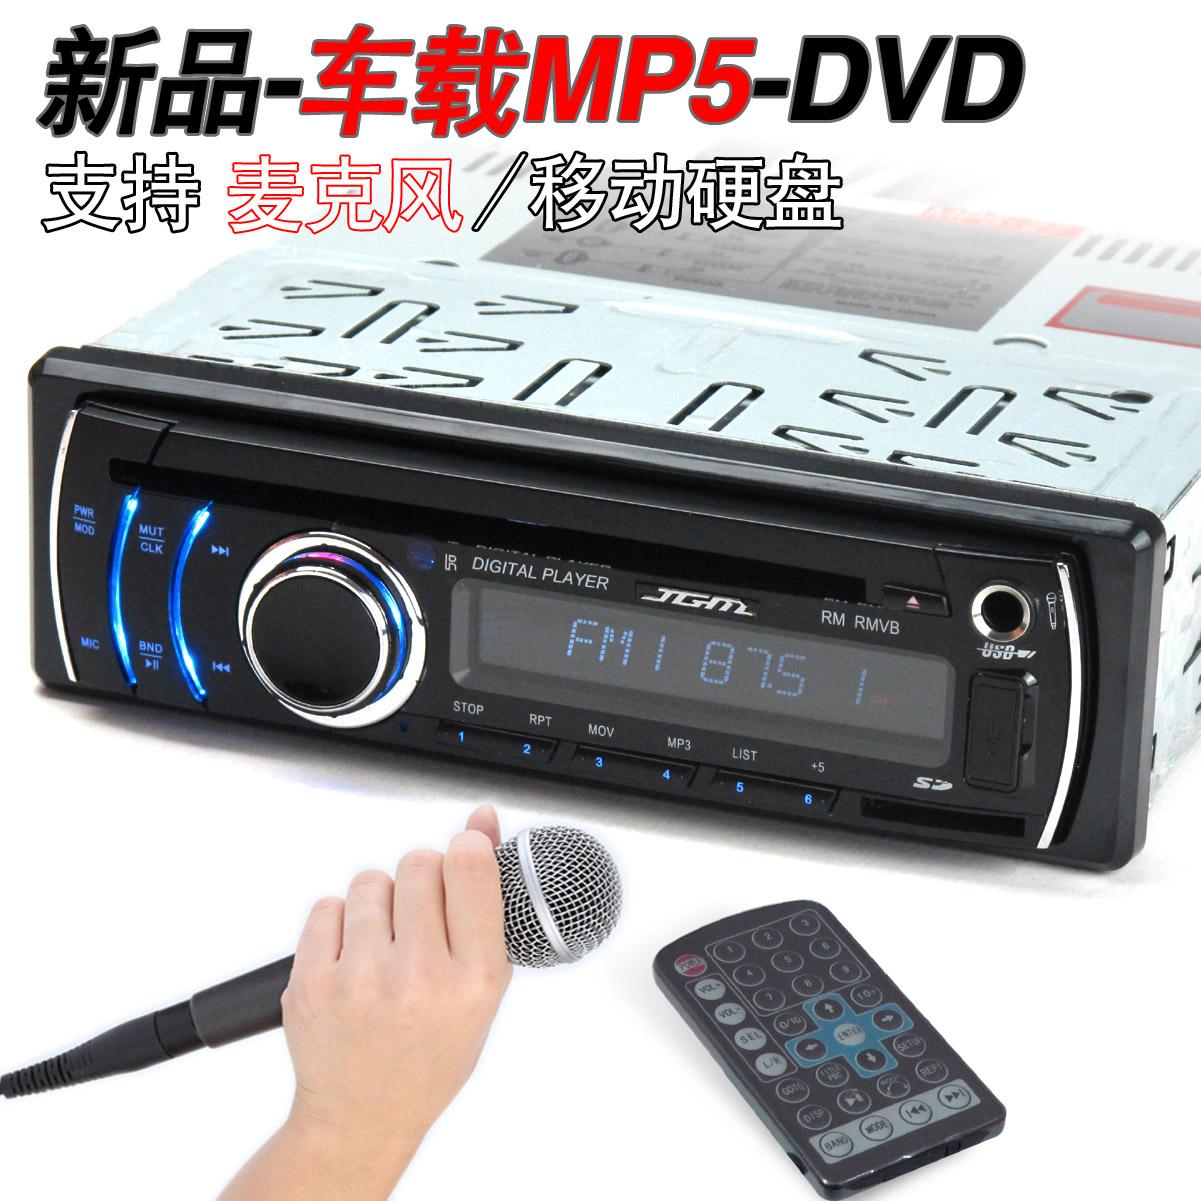 话筒功能!车载MP5DVD汽车CD播放器支持移动硬盘MP4MP3收音机 车载